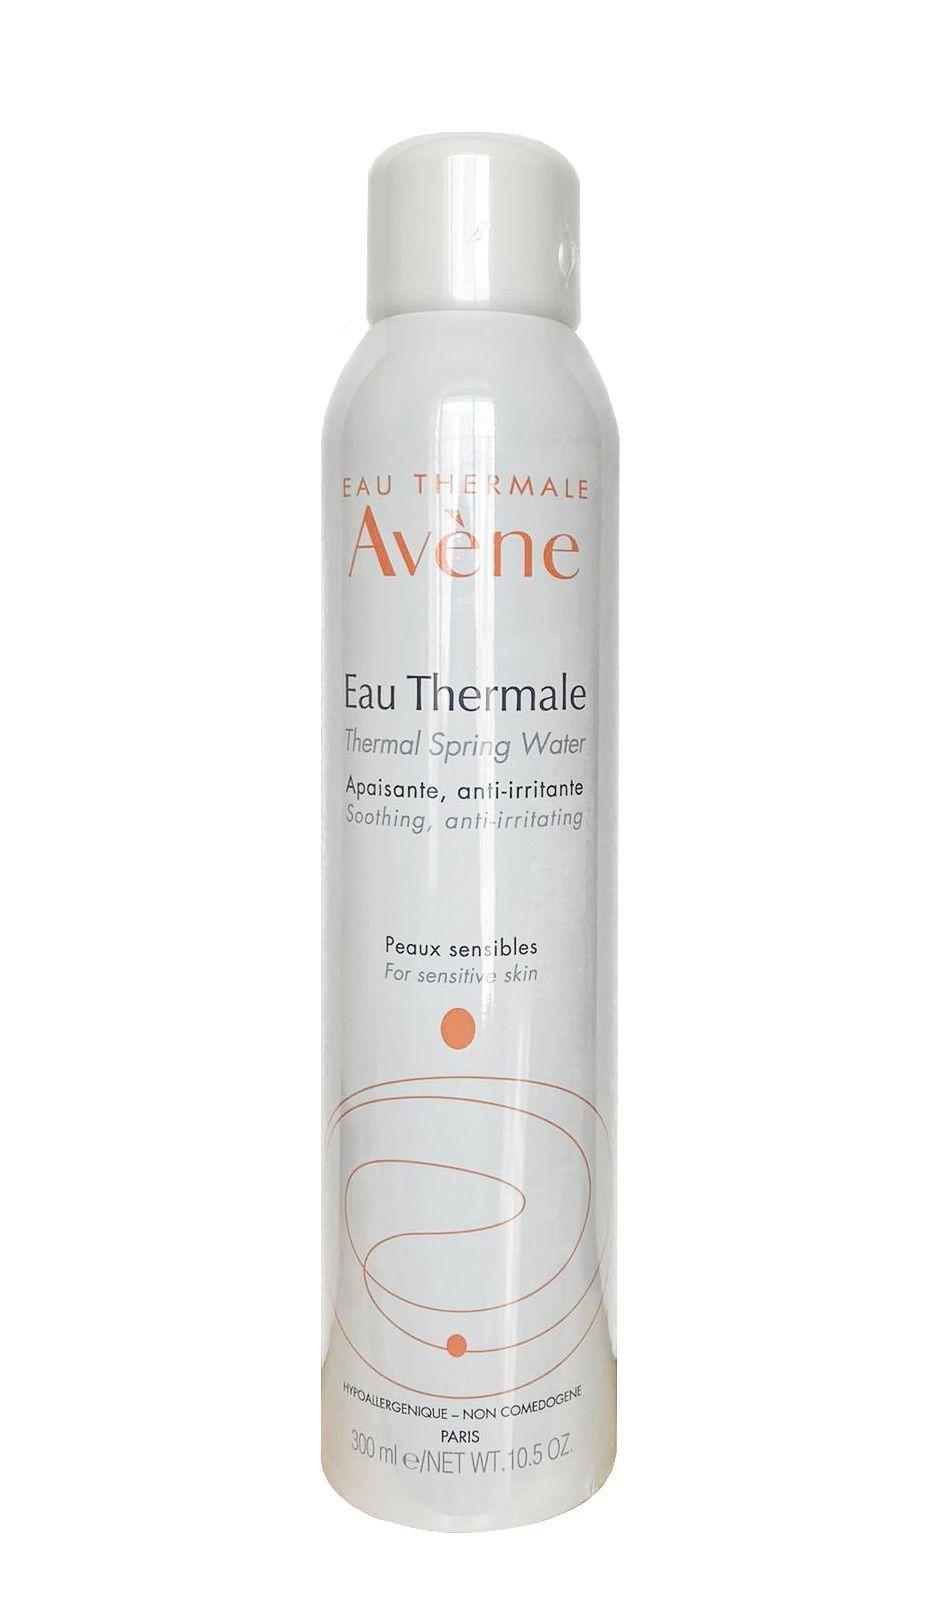 Xịt khoáng Avene 300ml giúp làn da mềm mại, mịn màng